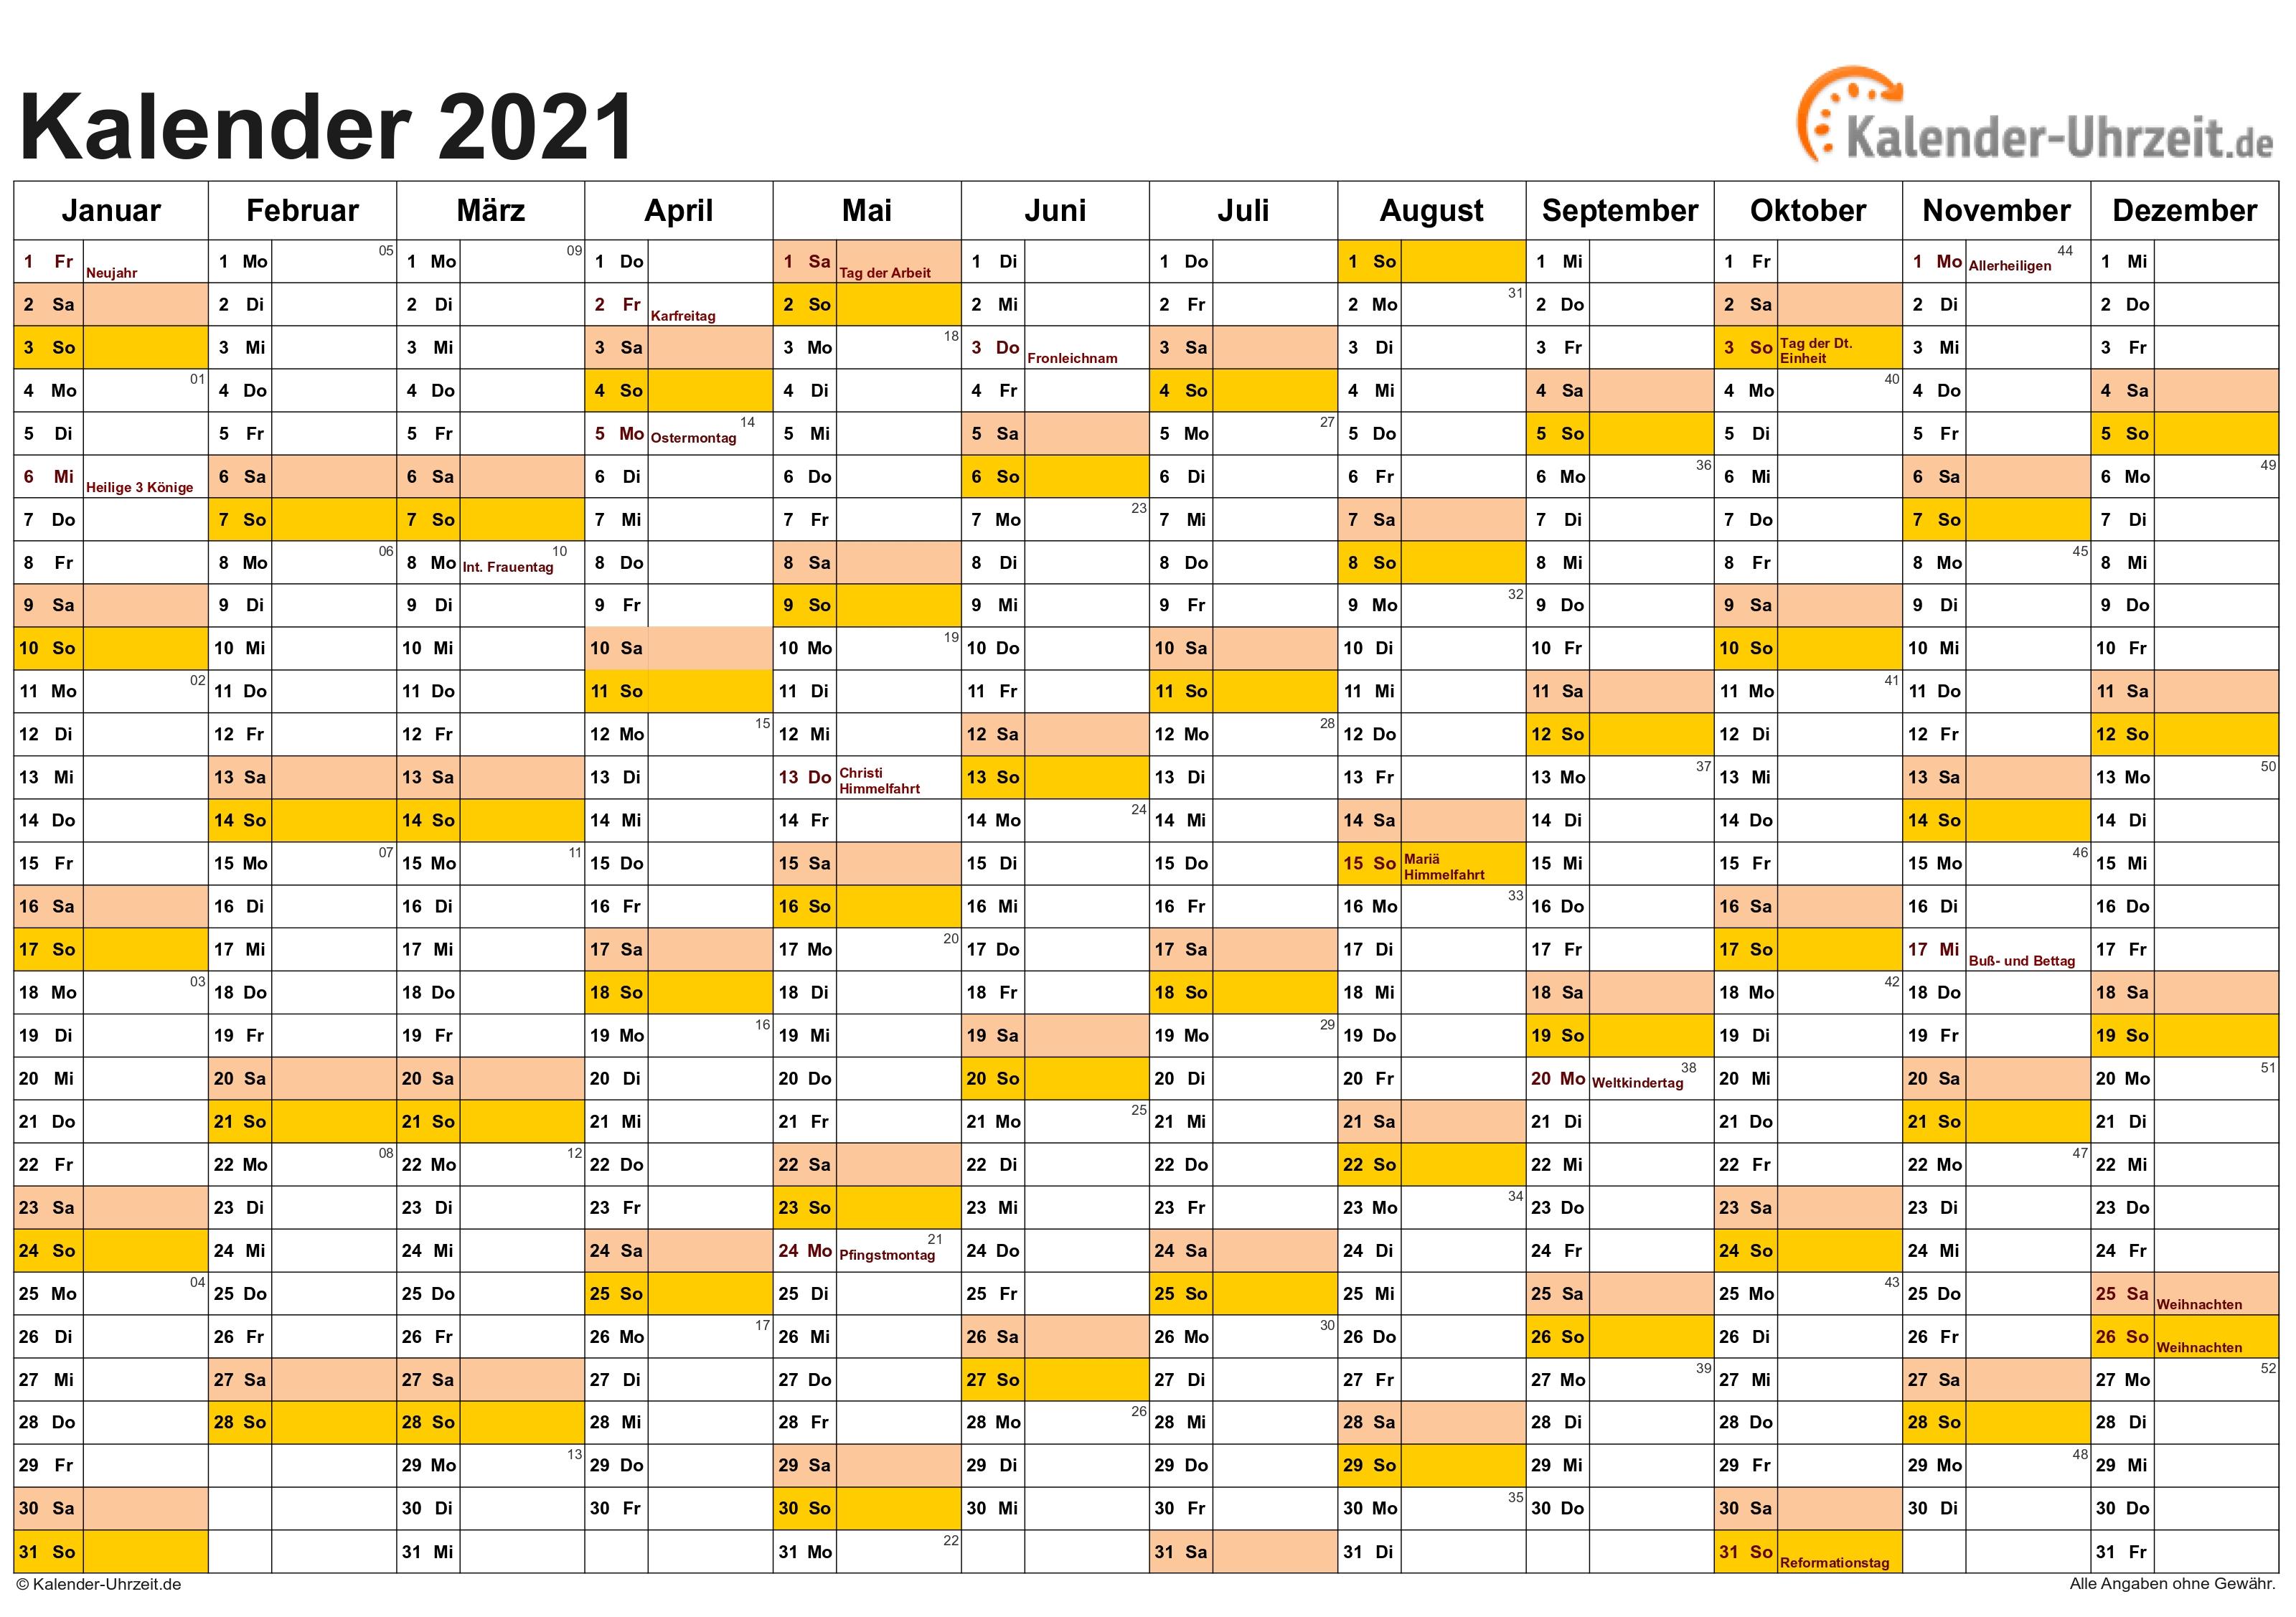 Kalender 2021 Zum Ausdrucken - Kostenlos  Kalender 2021 Zum Ausdrucken Kostenlos